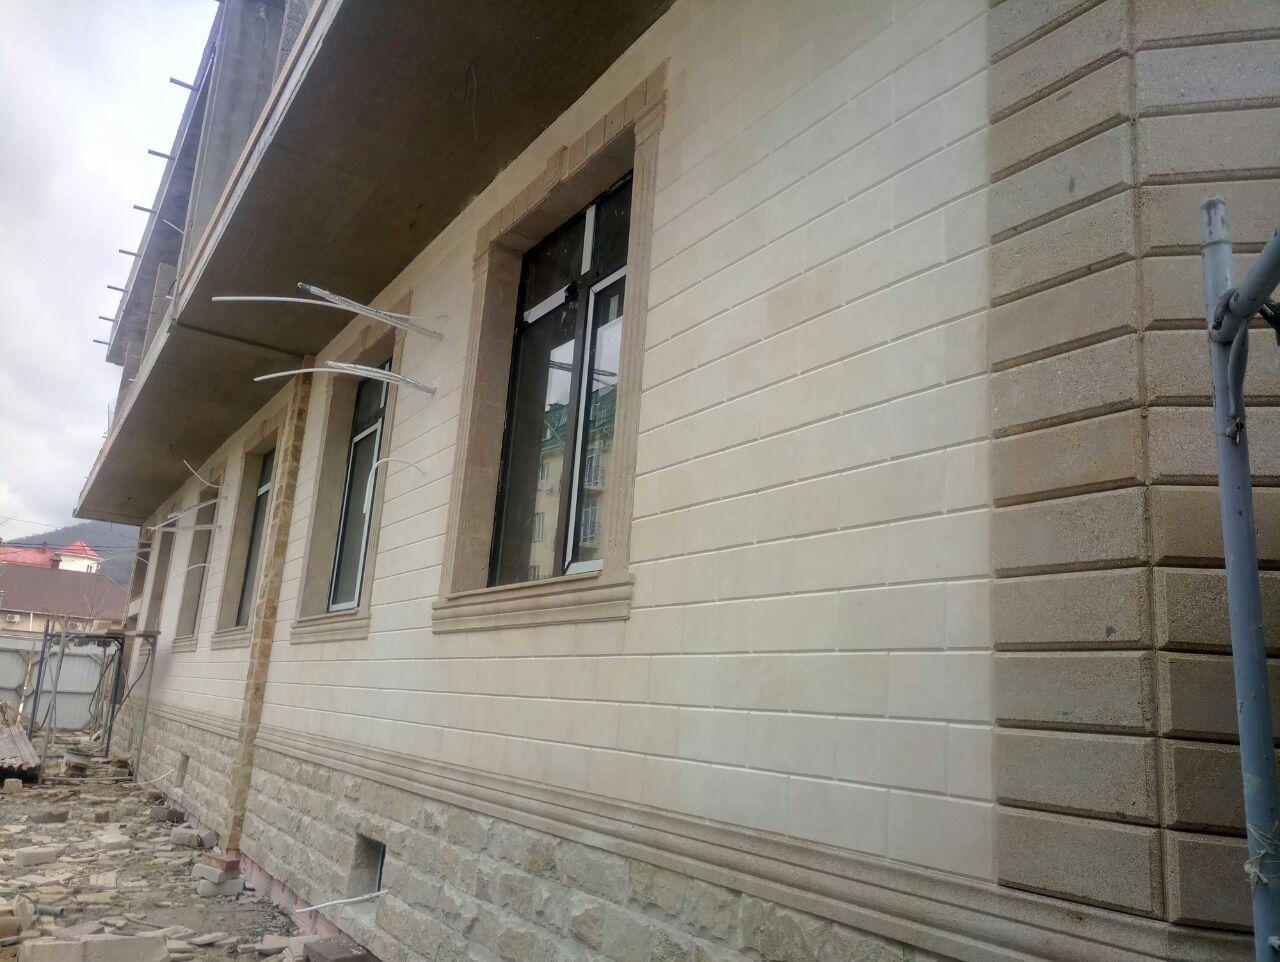 Бригады мастеров по облицовке фасадов домов природным дагестанским камнем доломитом в Анапе